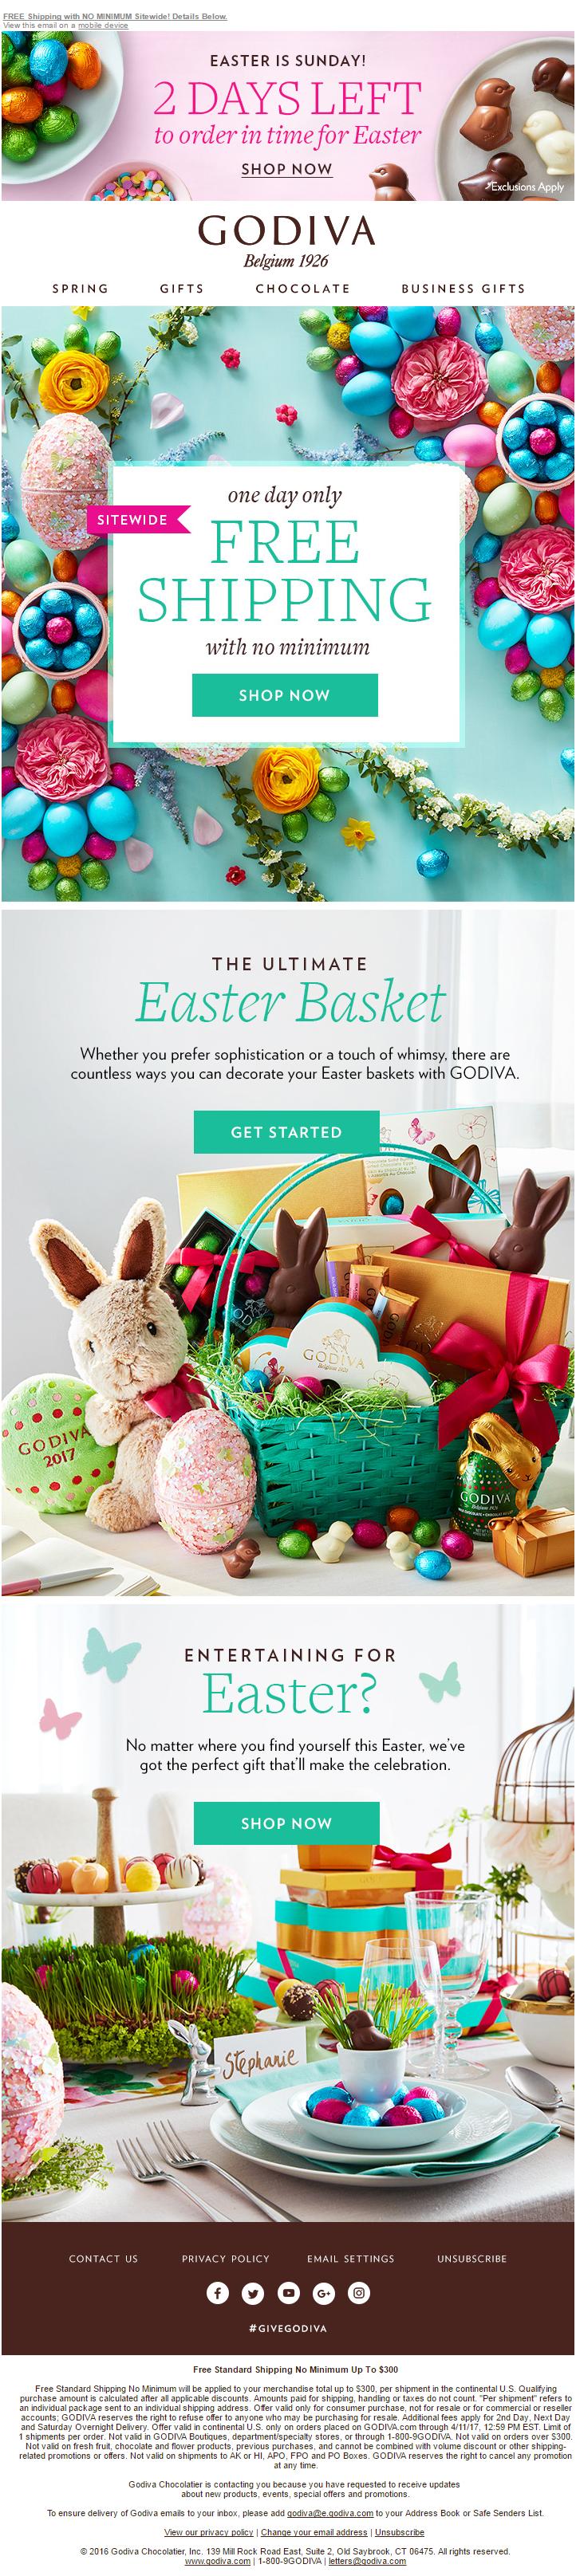 GODIVA Easter Email